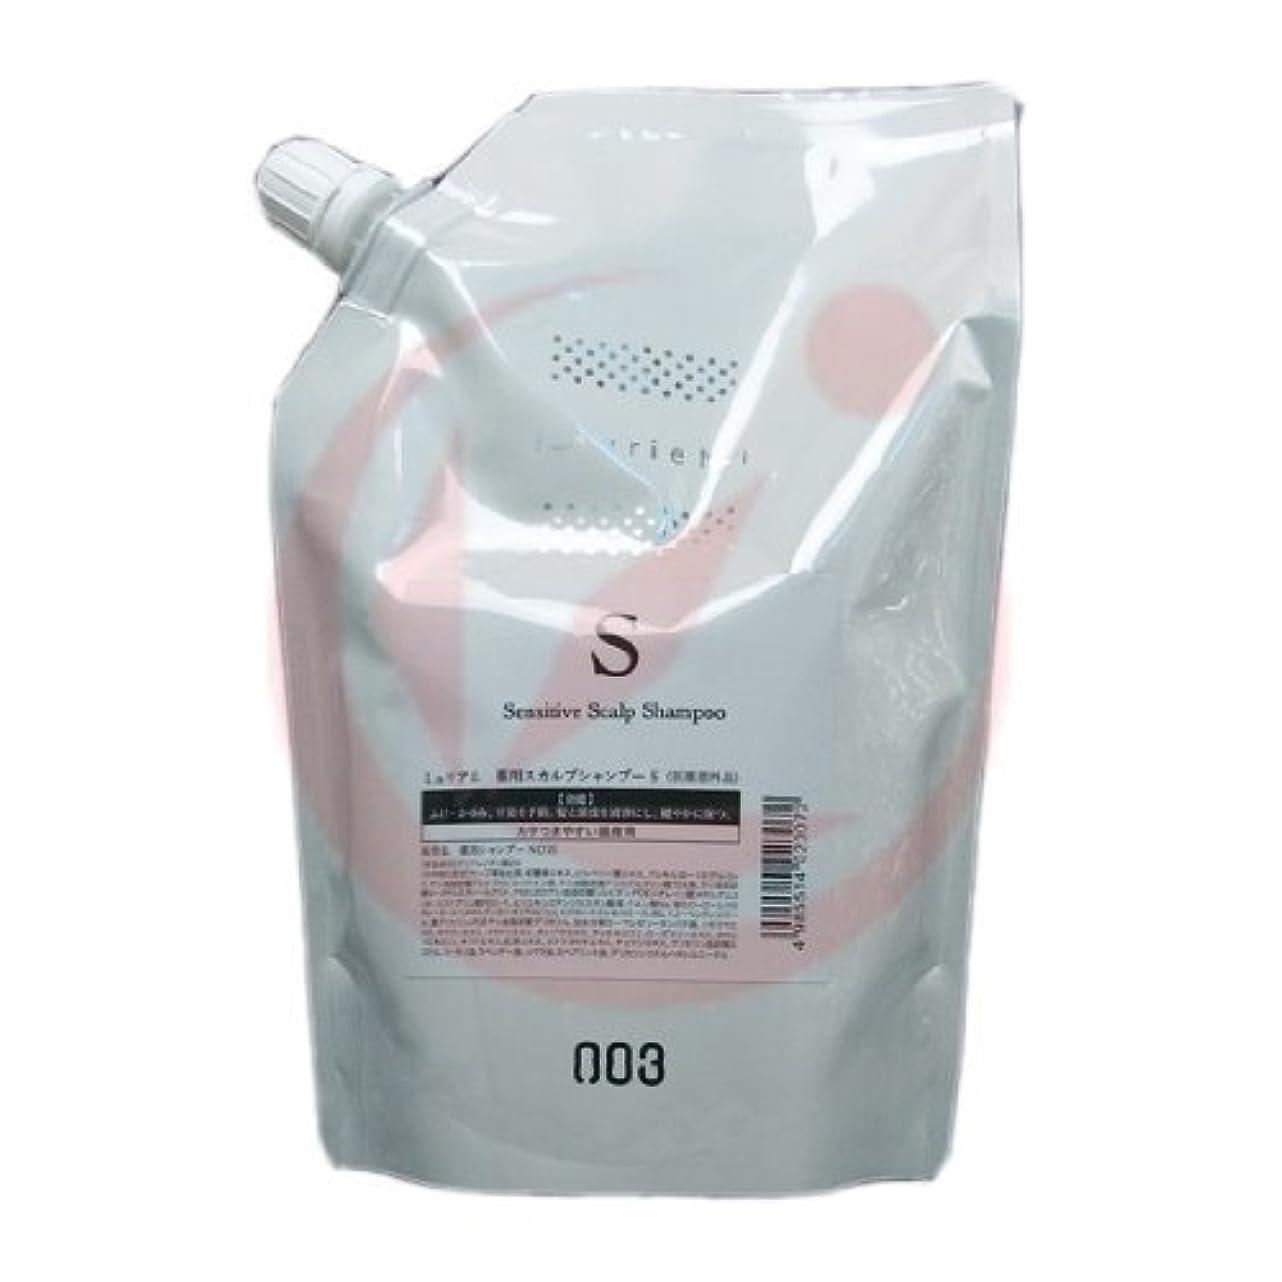 予防接種議題イディオムナンバースリー ミュリアム 薬用スカルプシャンプーS 500ml レフィル